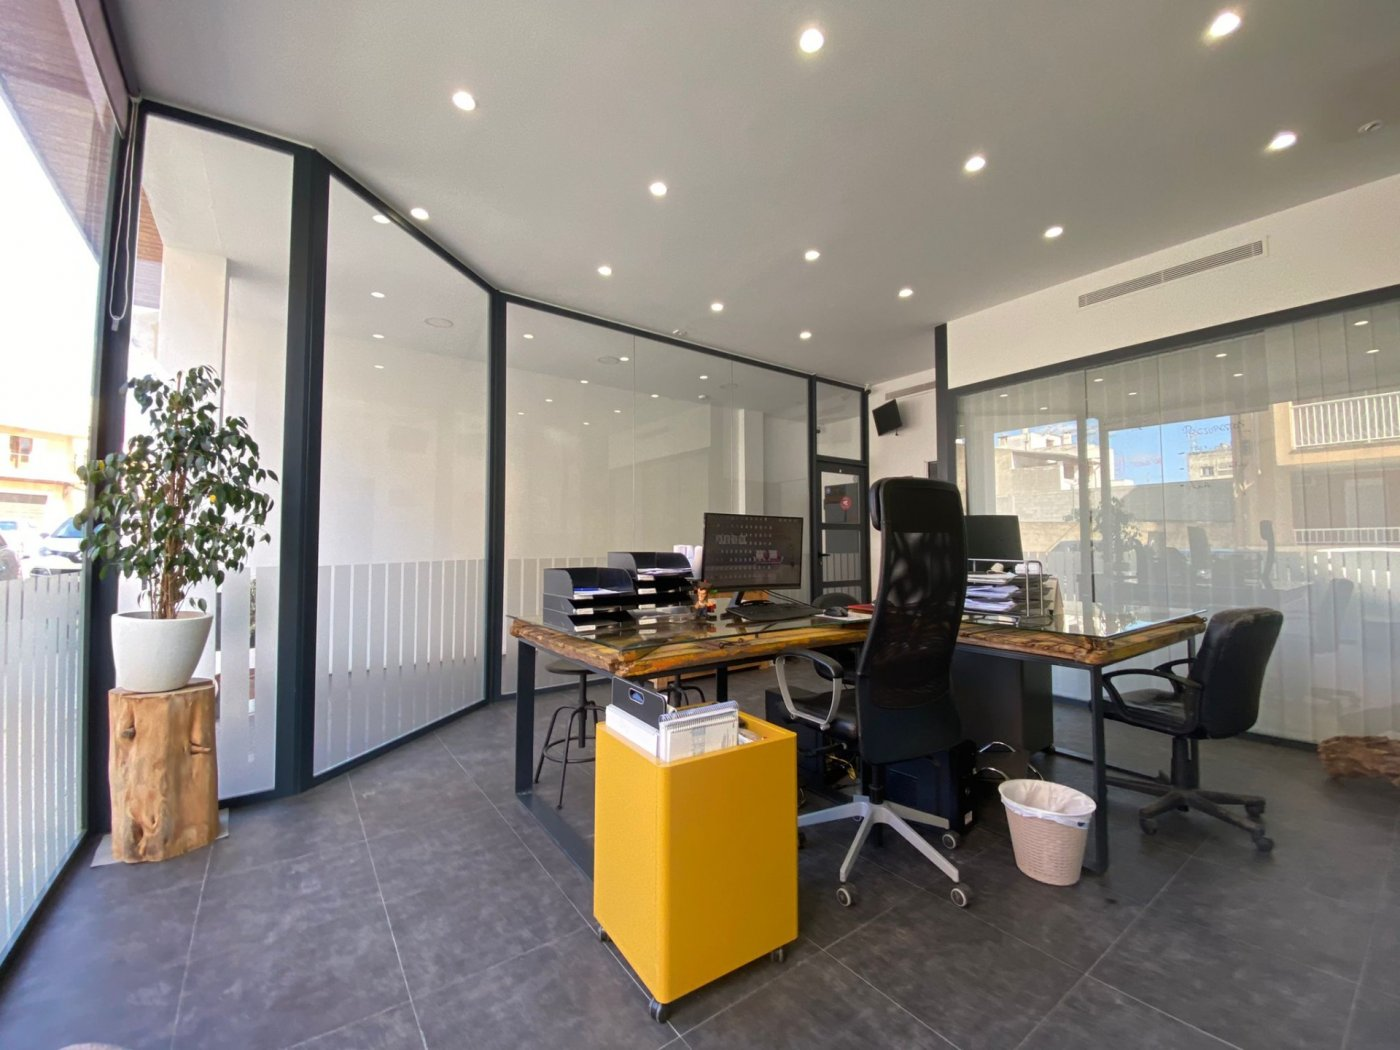 Amplio local con trasteros y zona de oficina. - imagenInmueble1